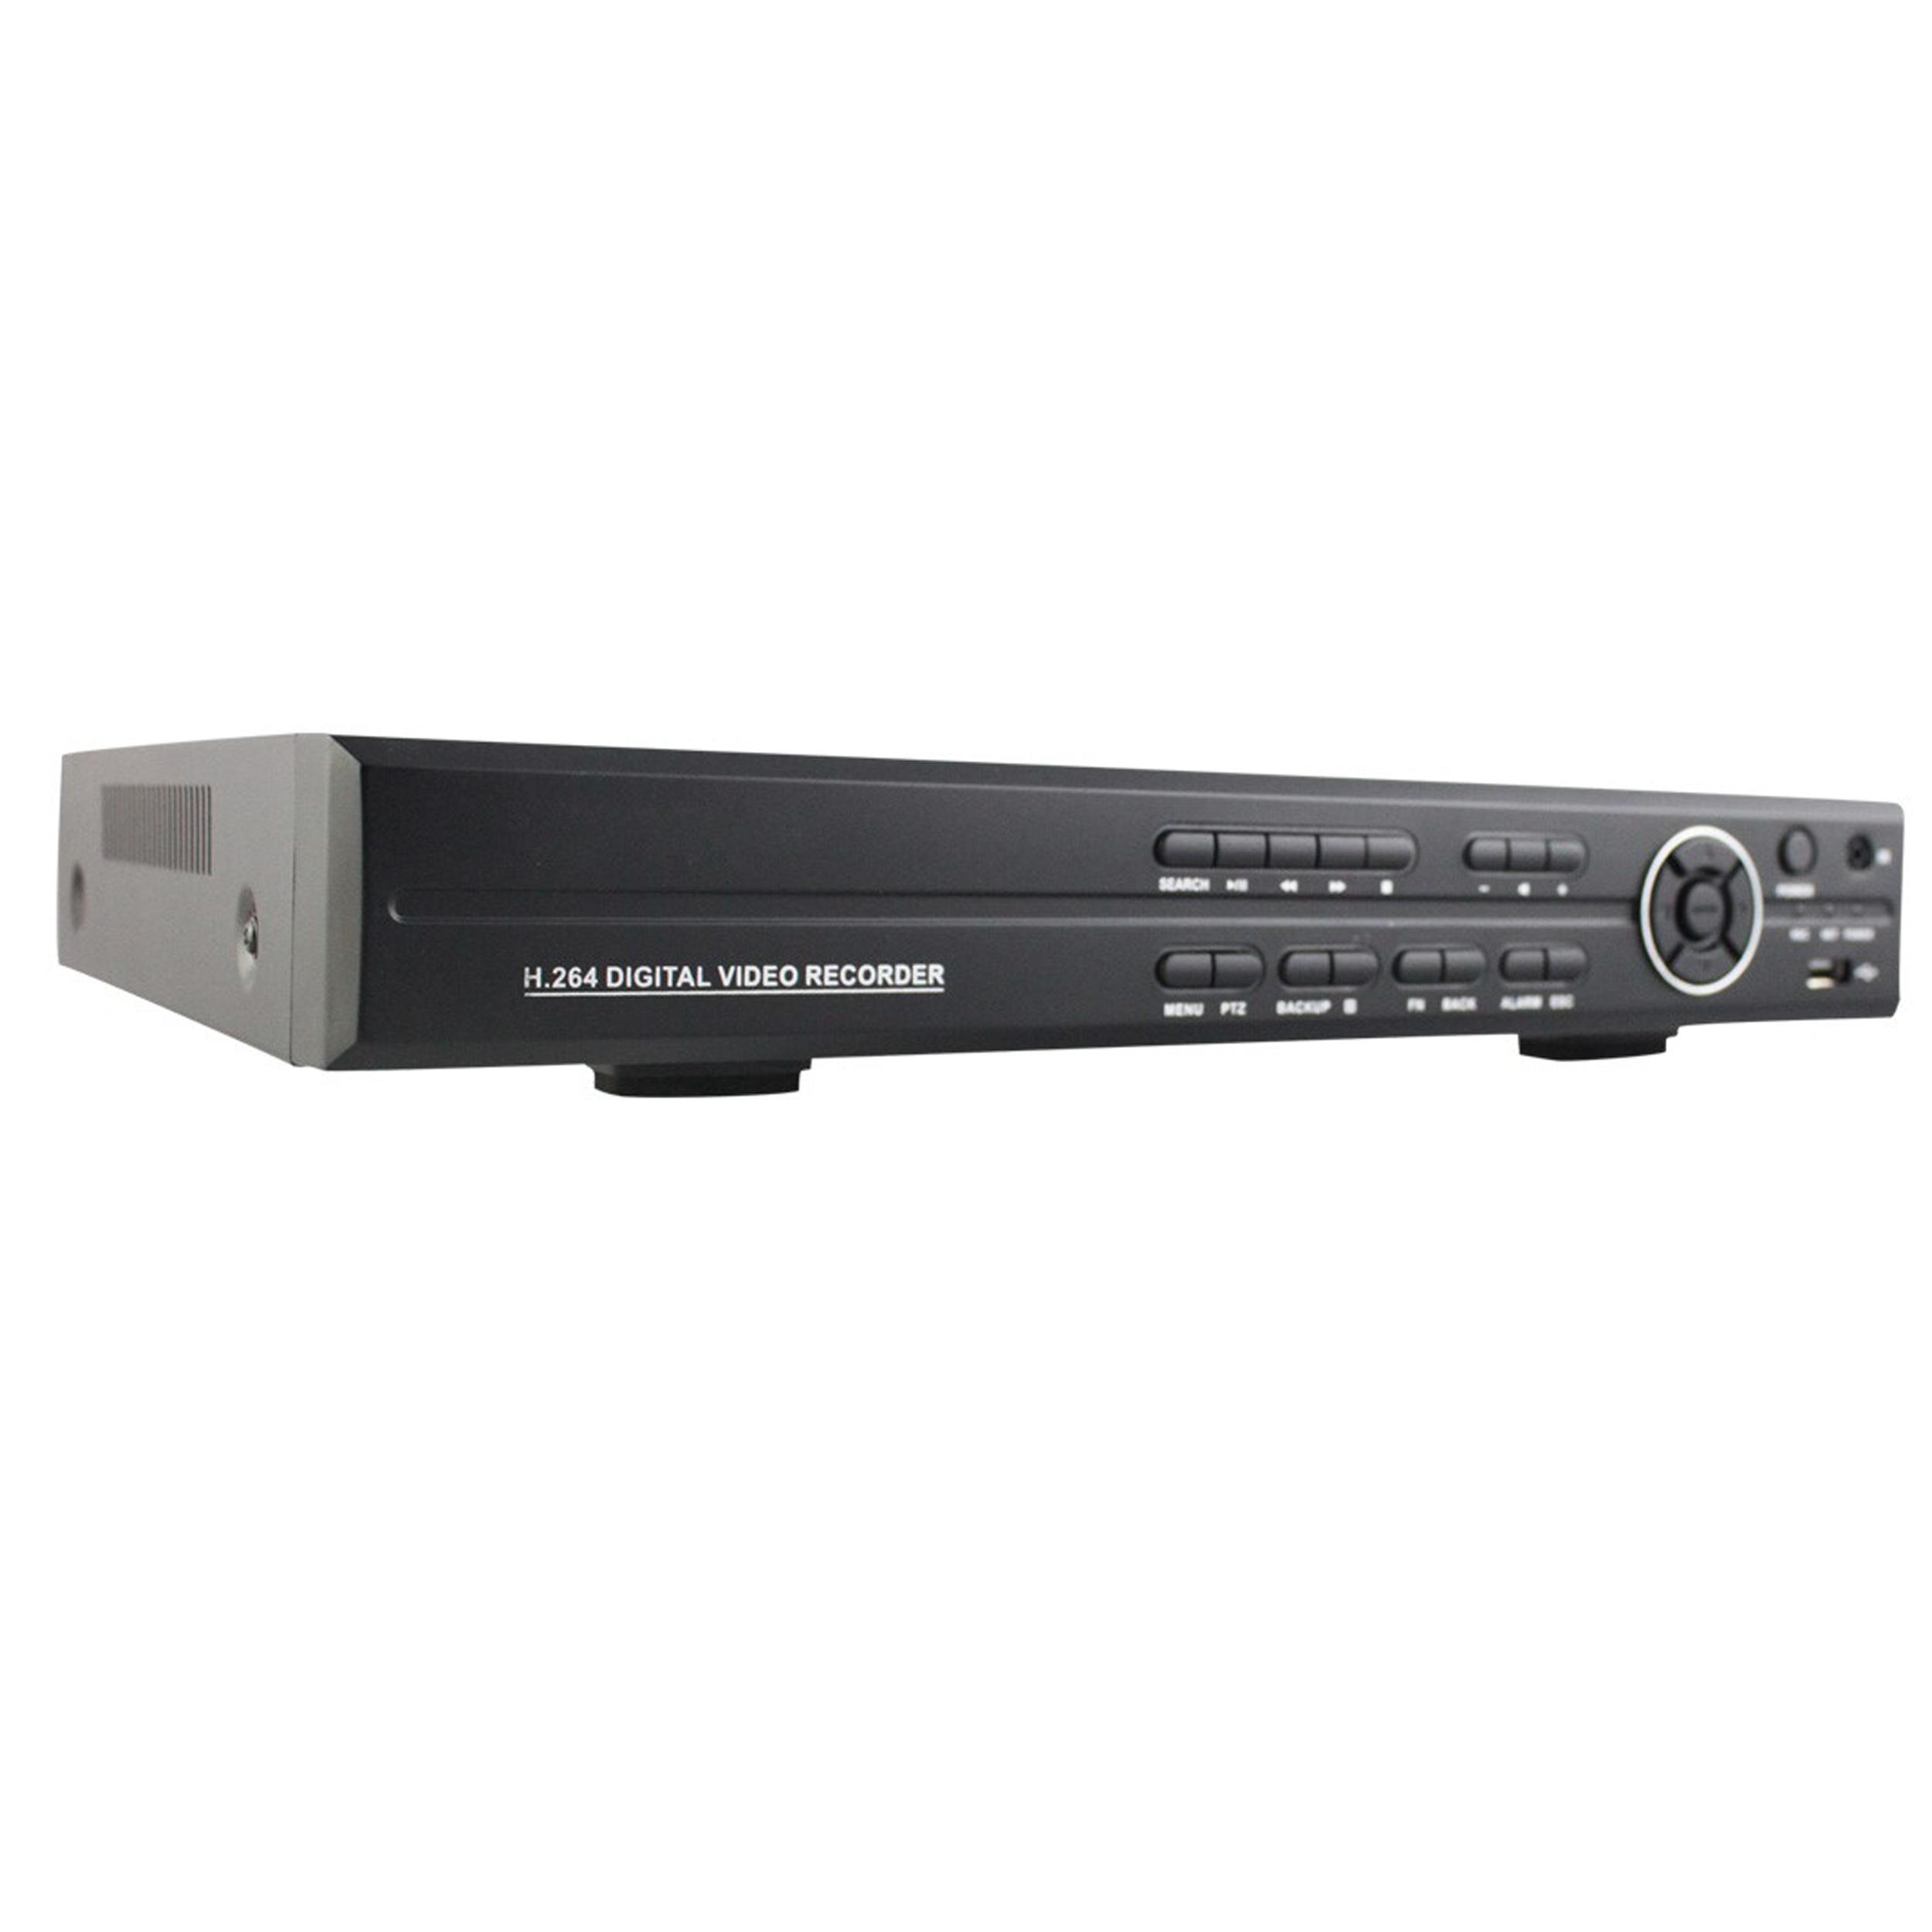 ضبط کننده ویدیویی تحت شبکه مدل AAC-N4V45